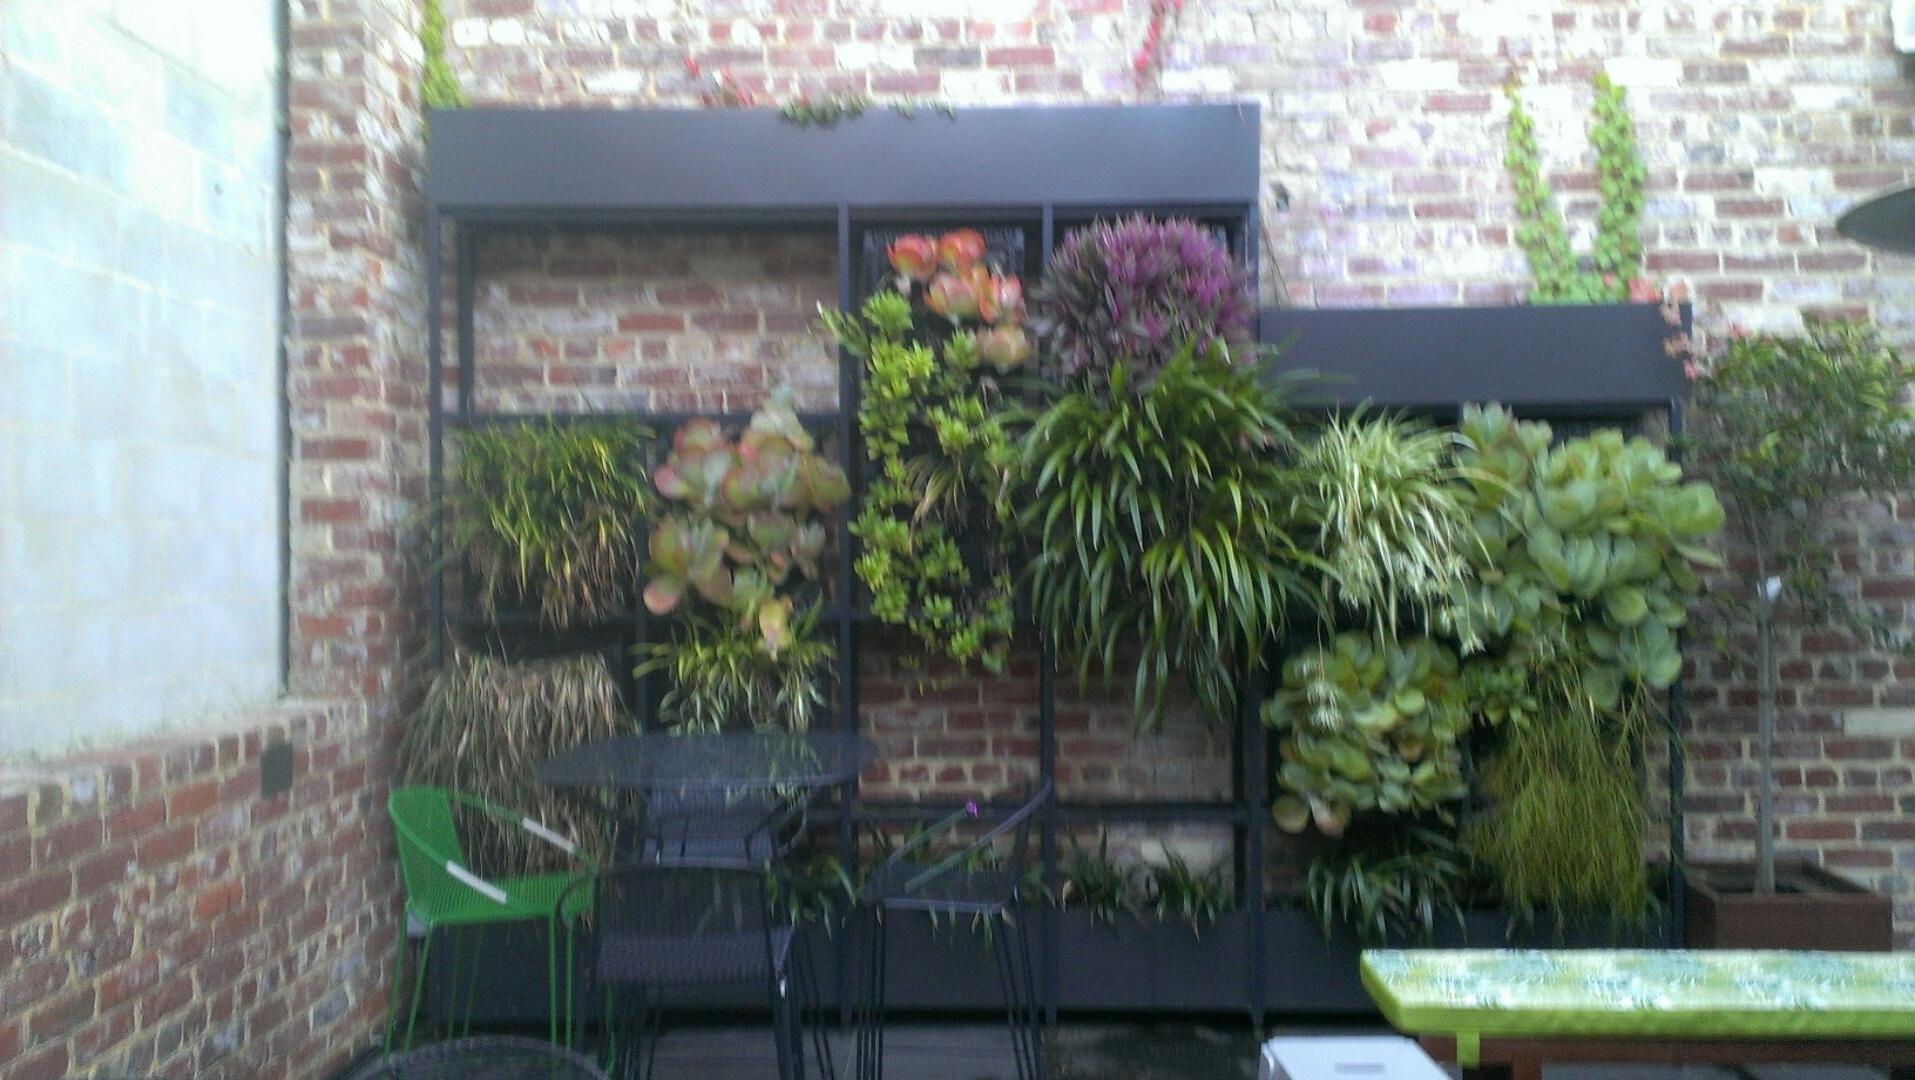 Wall Art Designs: Garden Wall Art Living Garden Wall Venn Art With Regard To Most Recent Garden Wall Art (View 3 of 15)